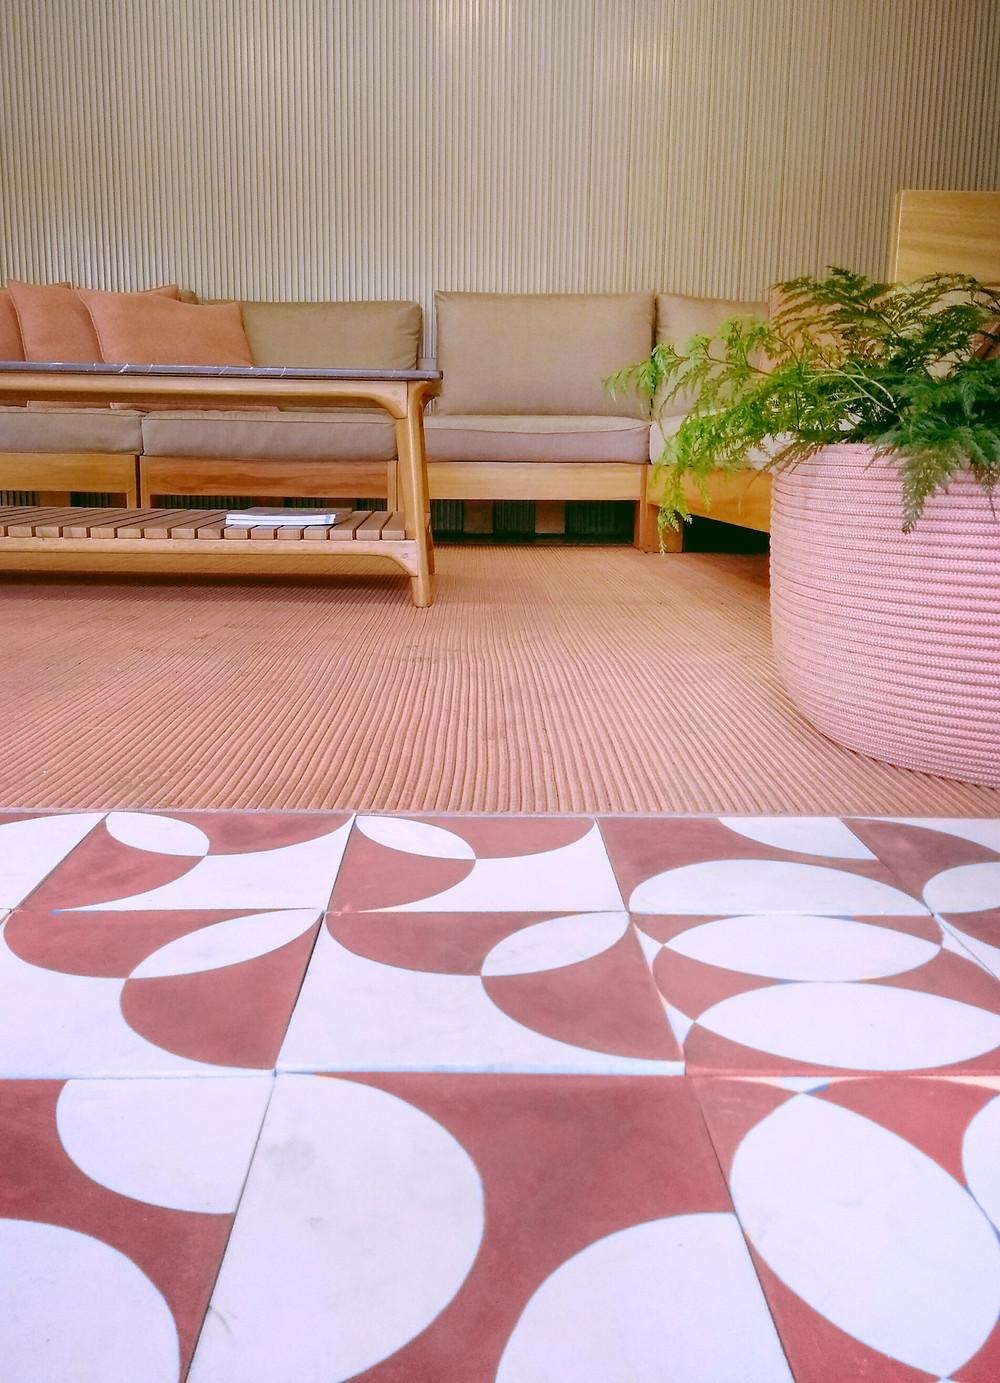 Sala de estar rosa com ladrilho hidráulico.